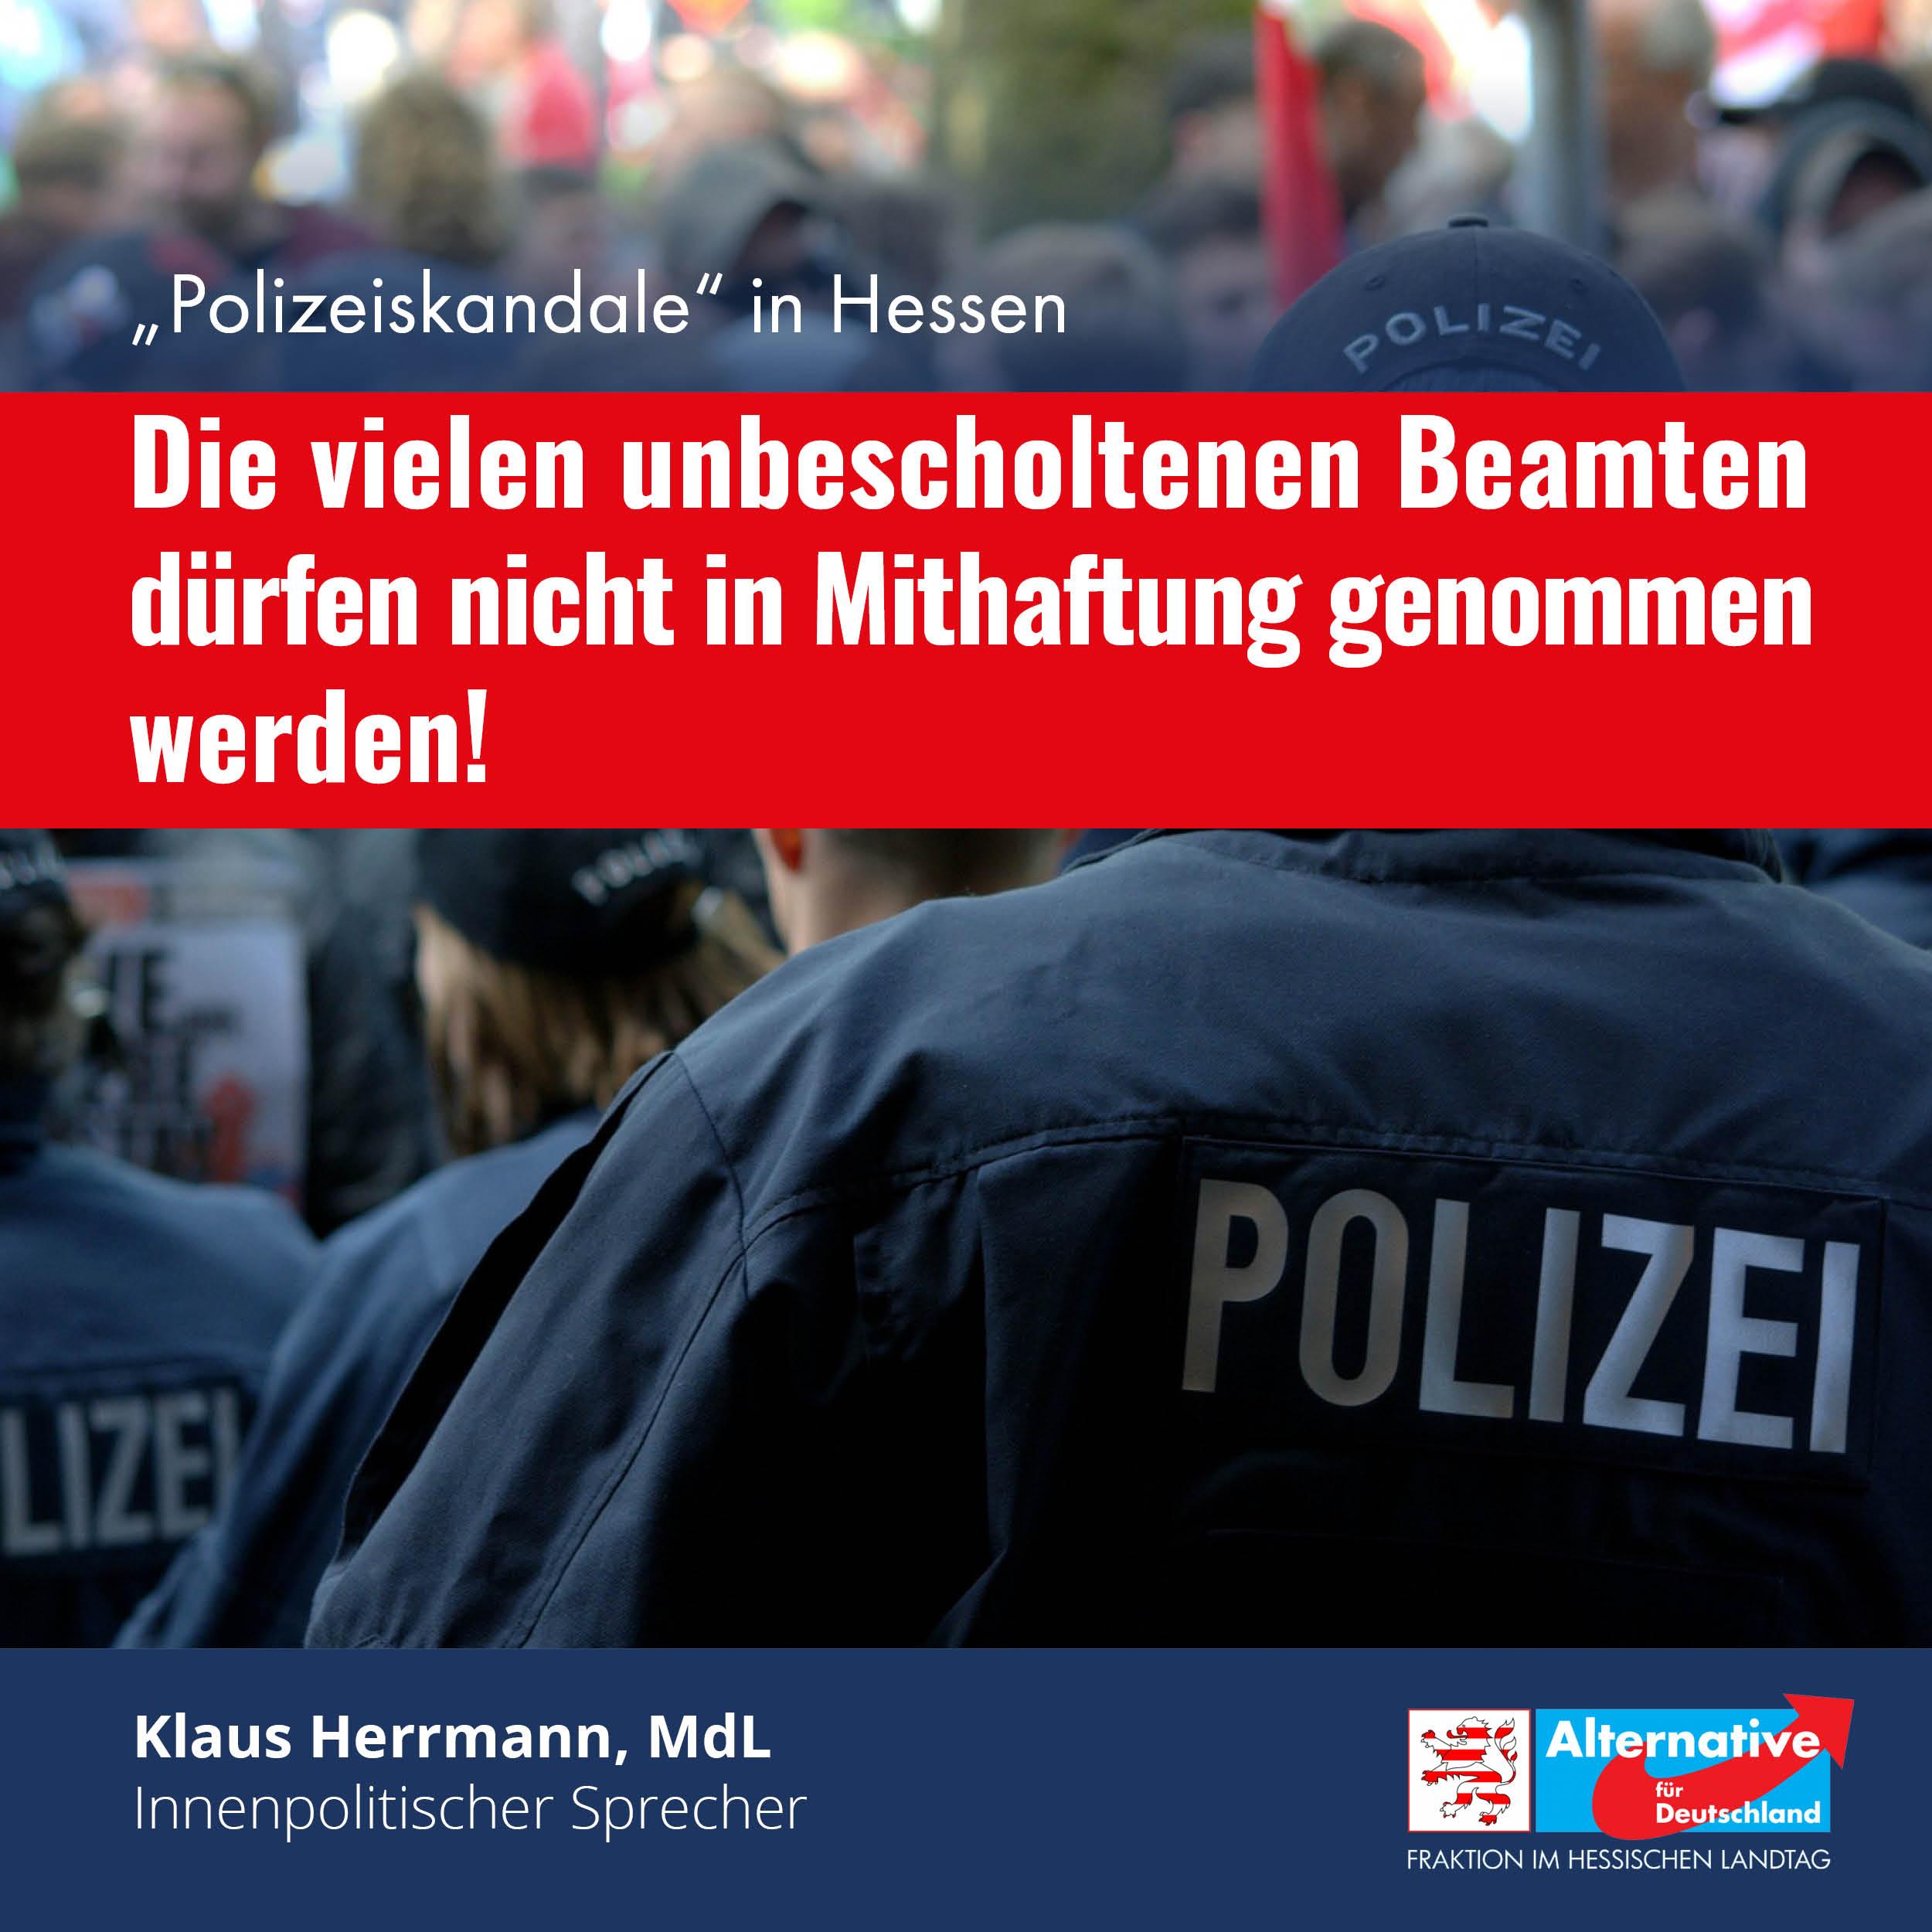 Polizei Hessen